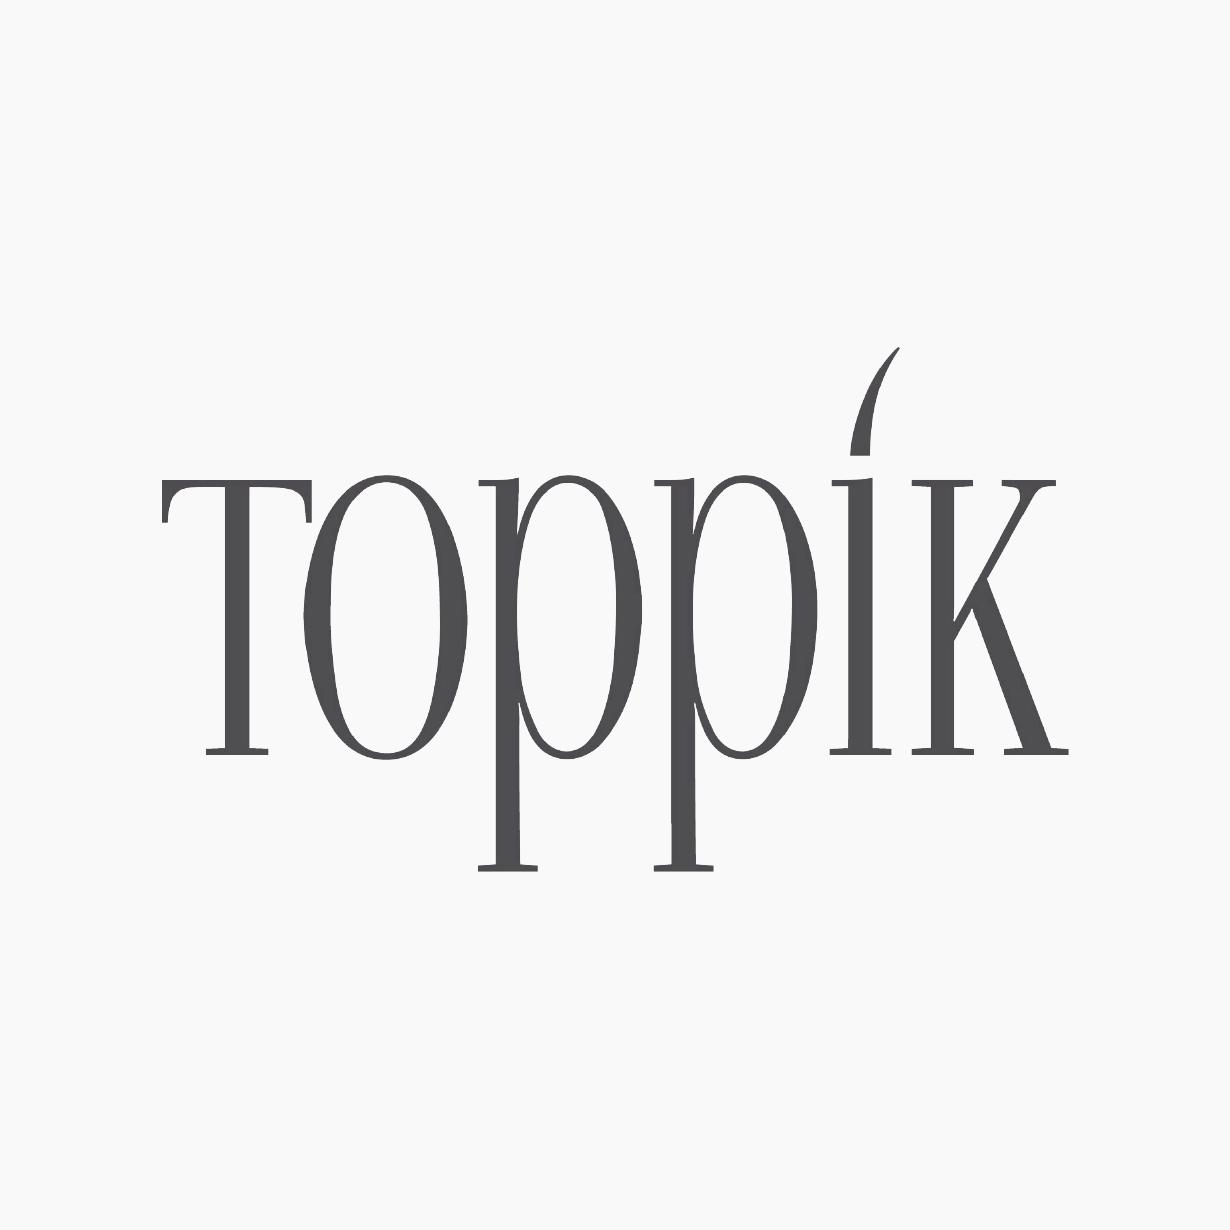 Logos 02 23 2017 08